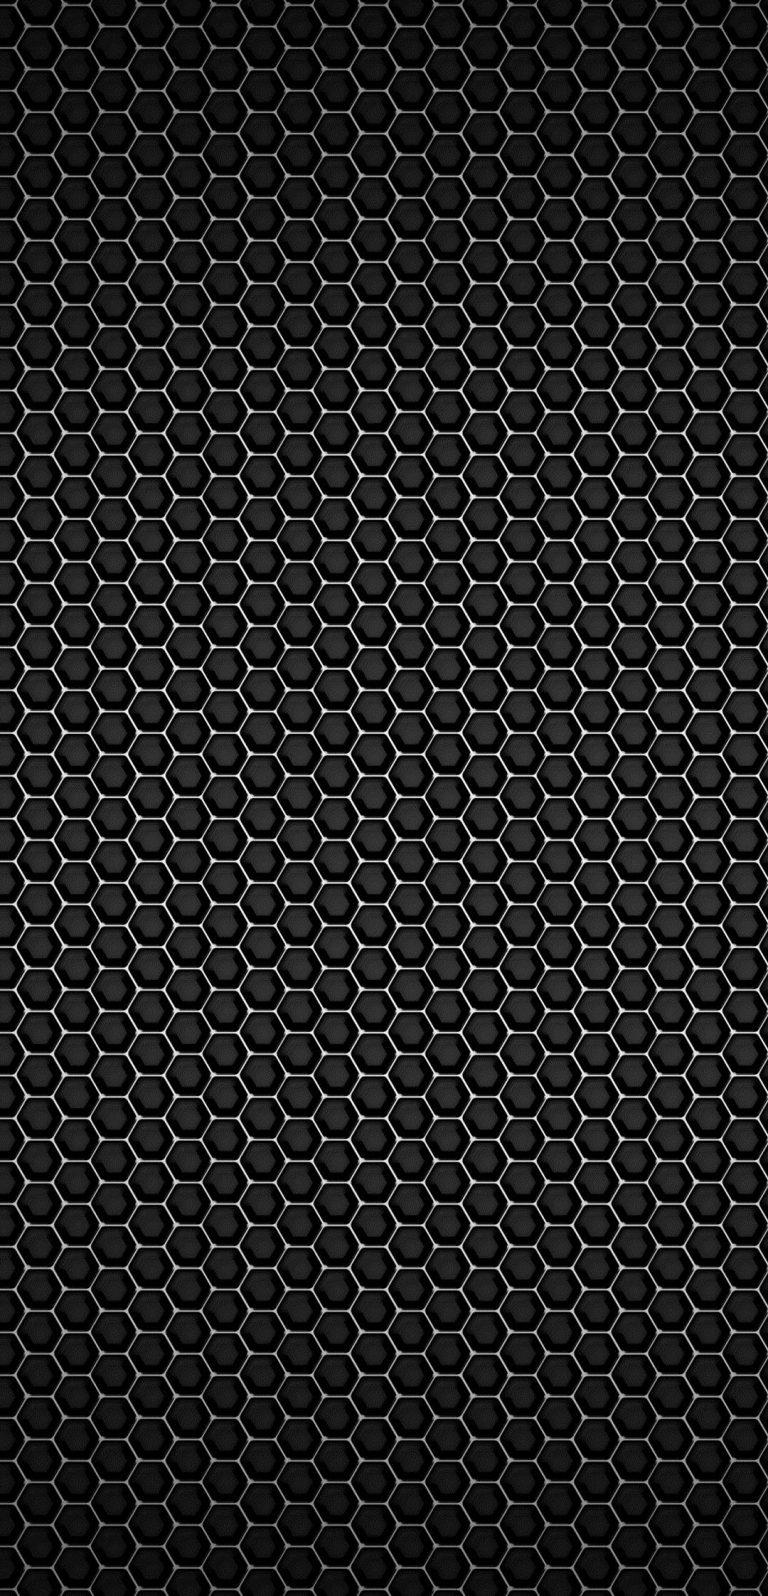 1080x2244 Wallpaper 143 768x1596